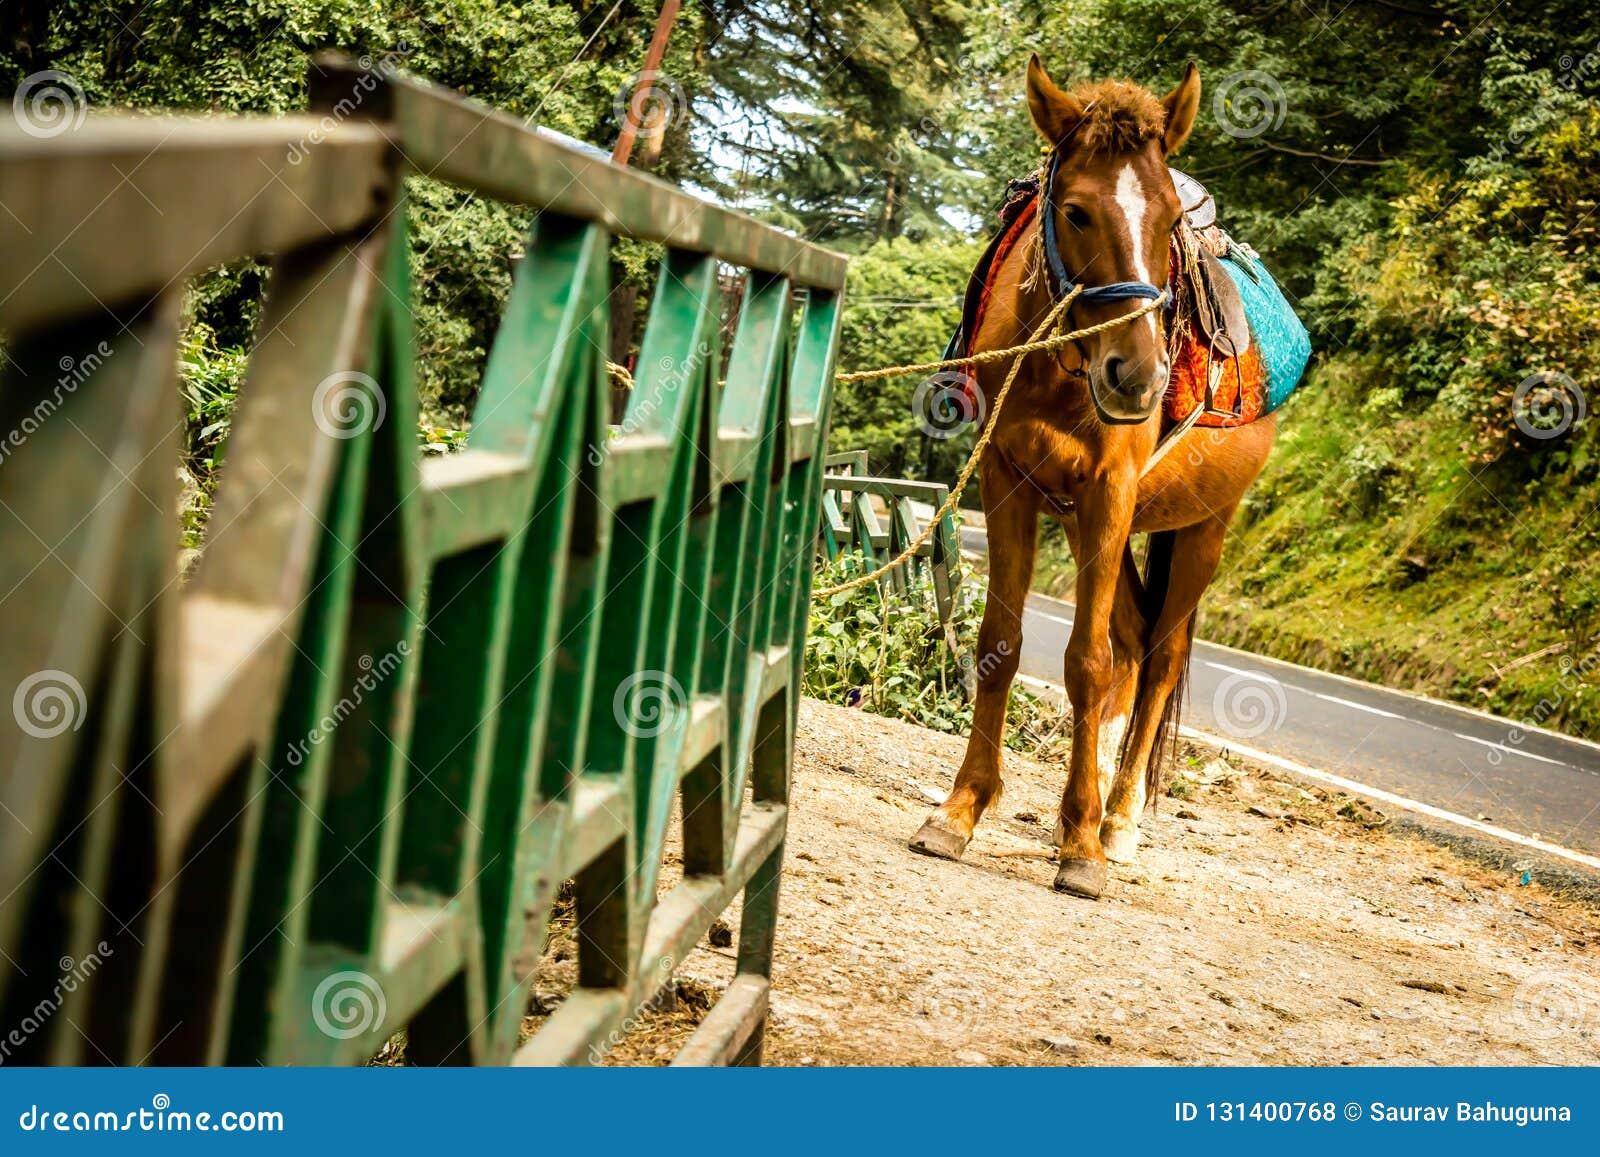 Ένα άλογο που φέρνει ένα κάθισμα στην πλάτη του και δεμένος σε ένα κιγκλίδωμα σιδήρου σε μια άκρη του δρόμου